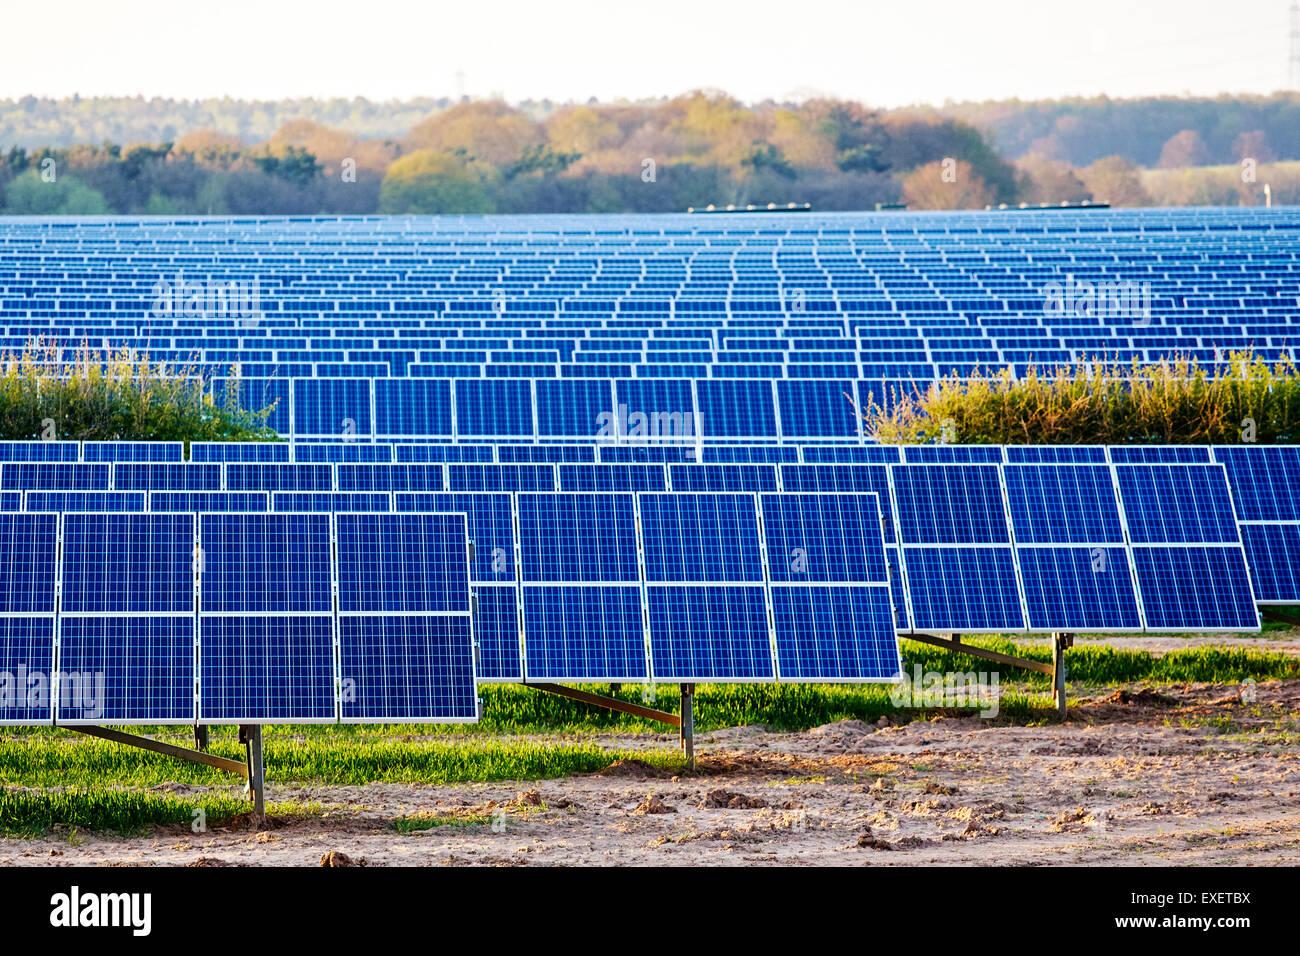 Vue d'une usine de production d'électricité solaire dans un fileld en Angleterre Banque D'Images